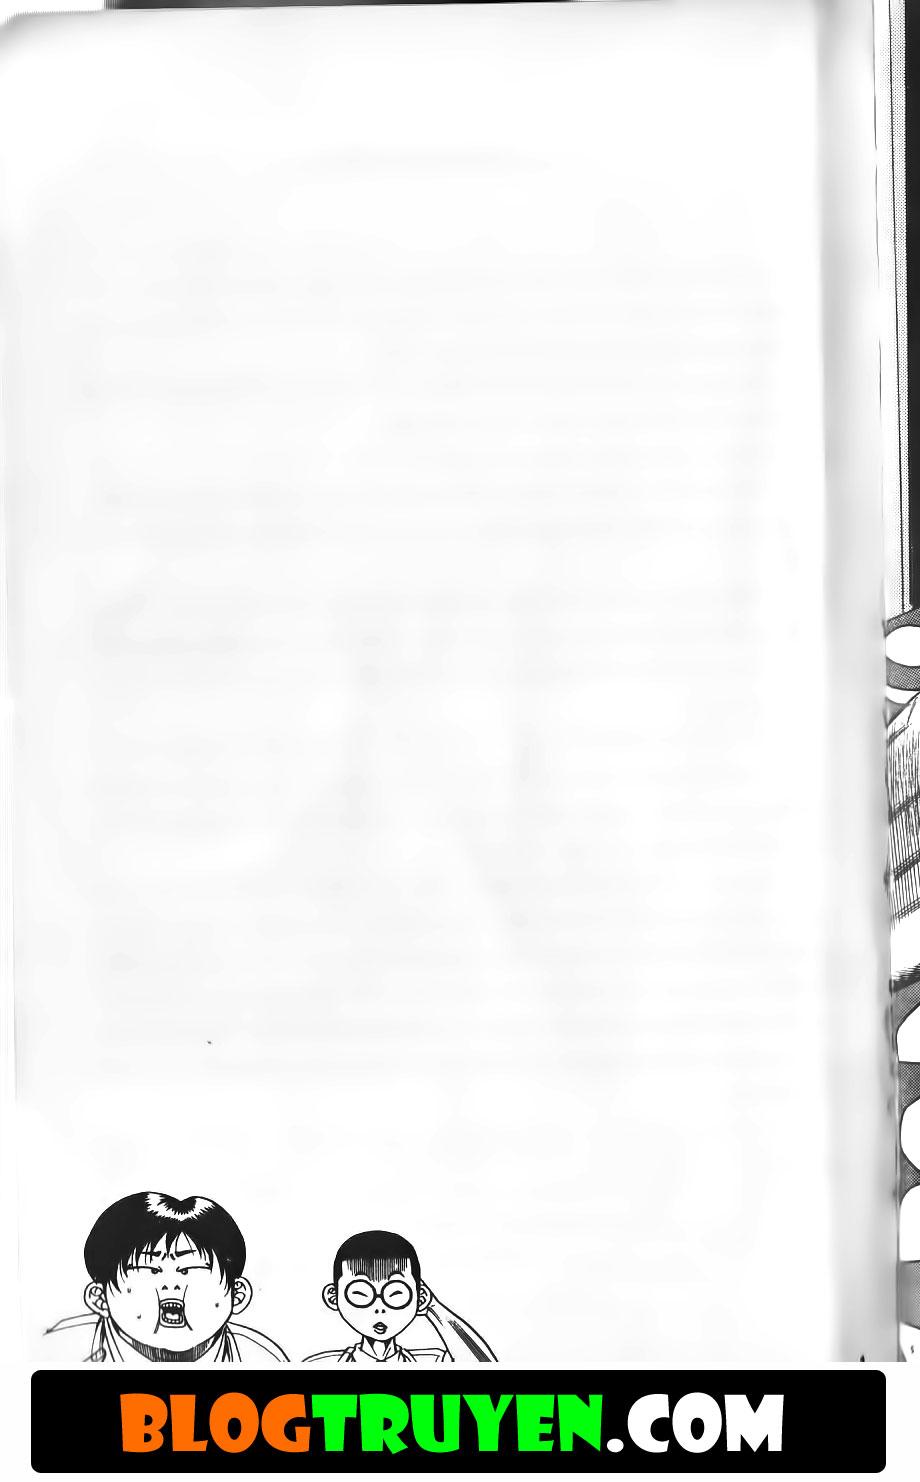 Bitagi - Anh chàng ngổ ngáo chap 148 trang 2